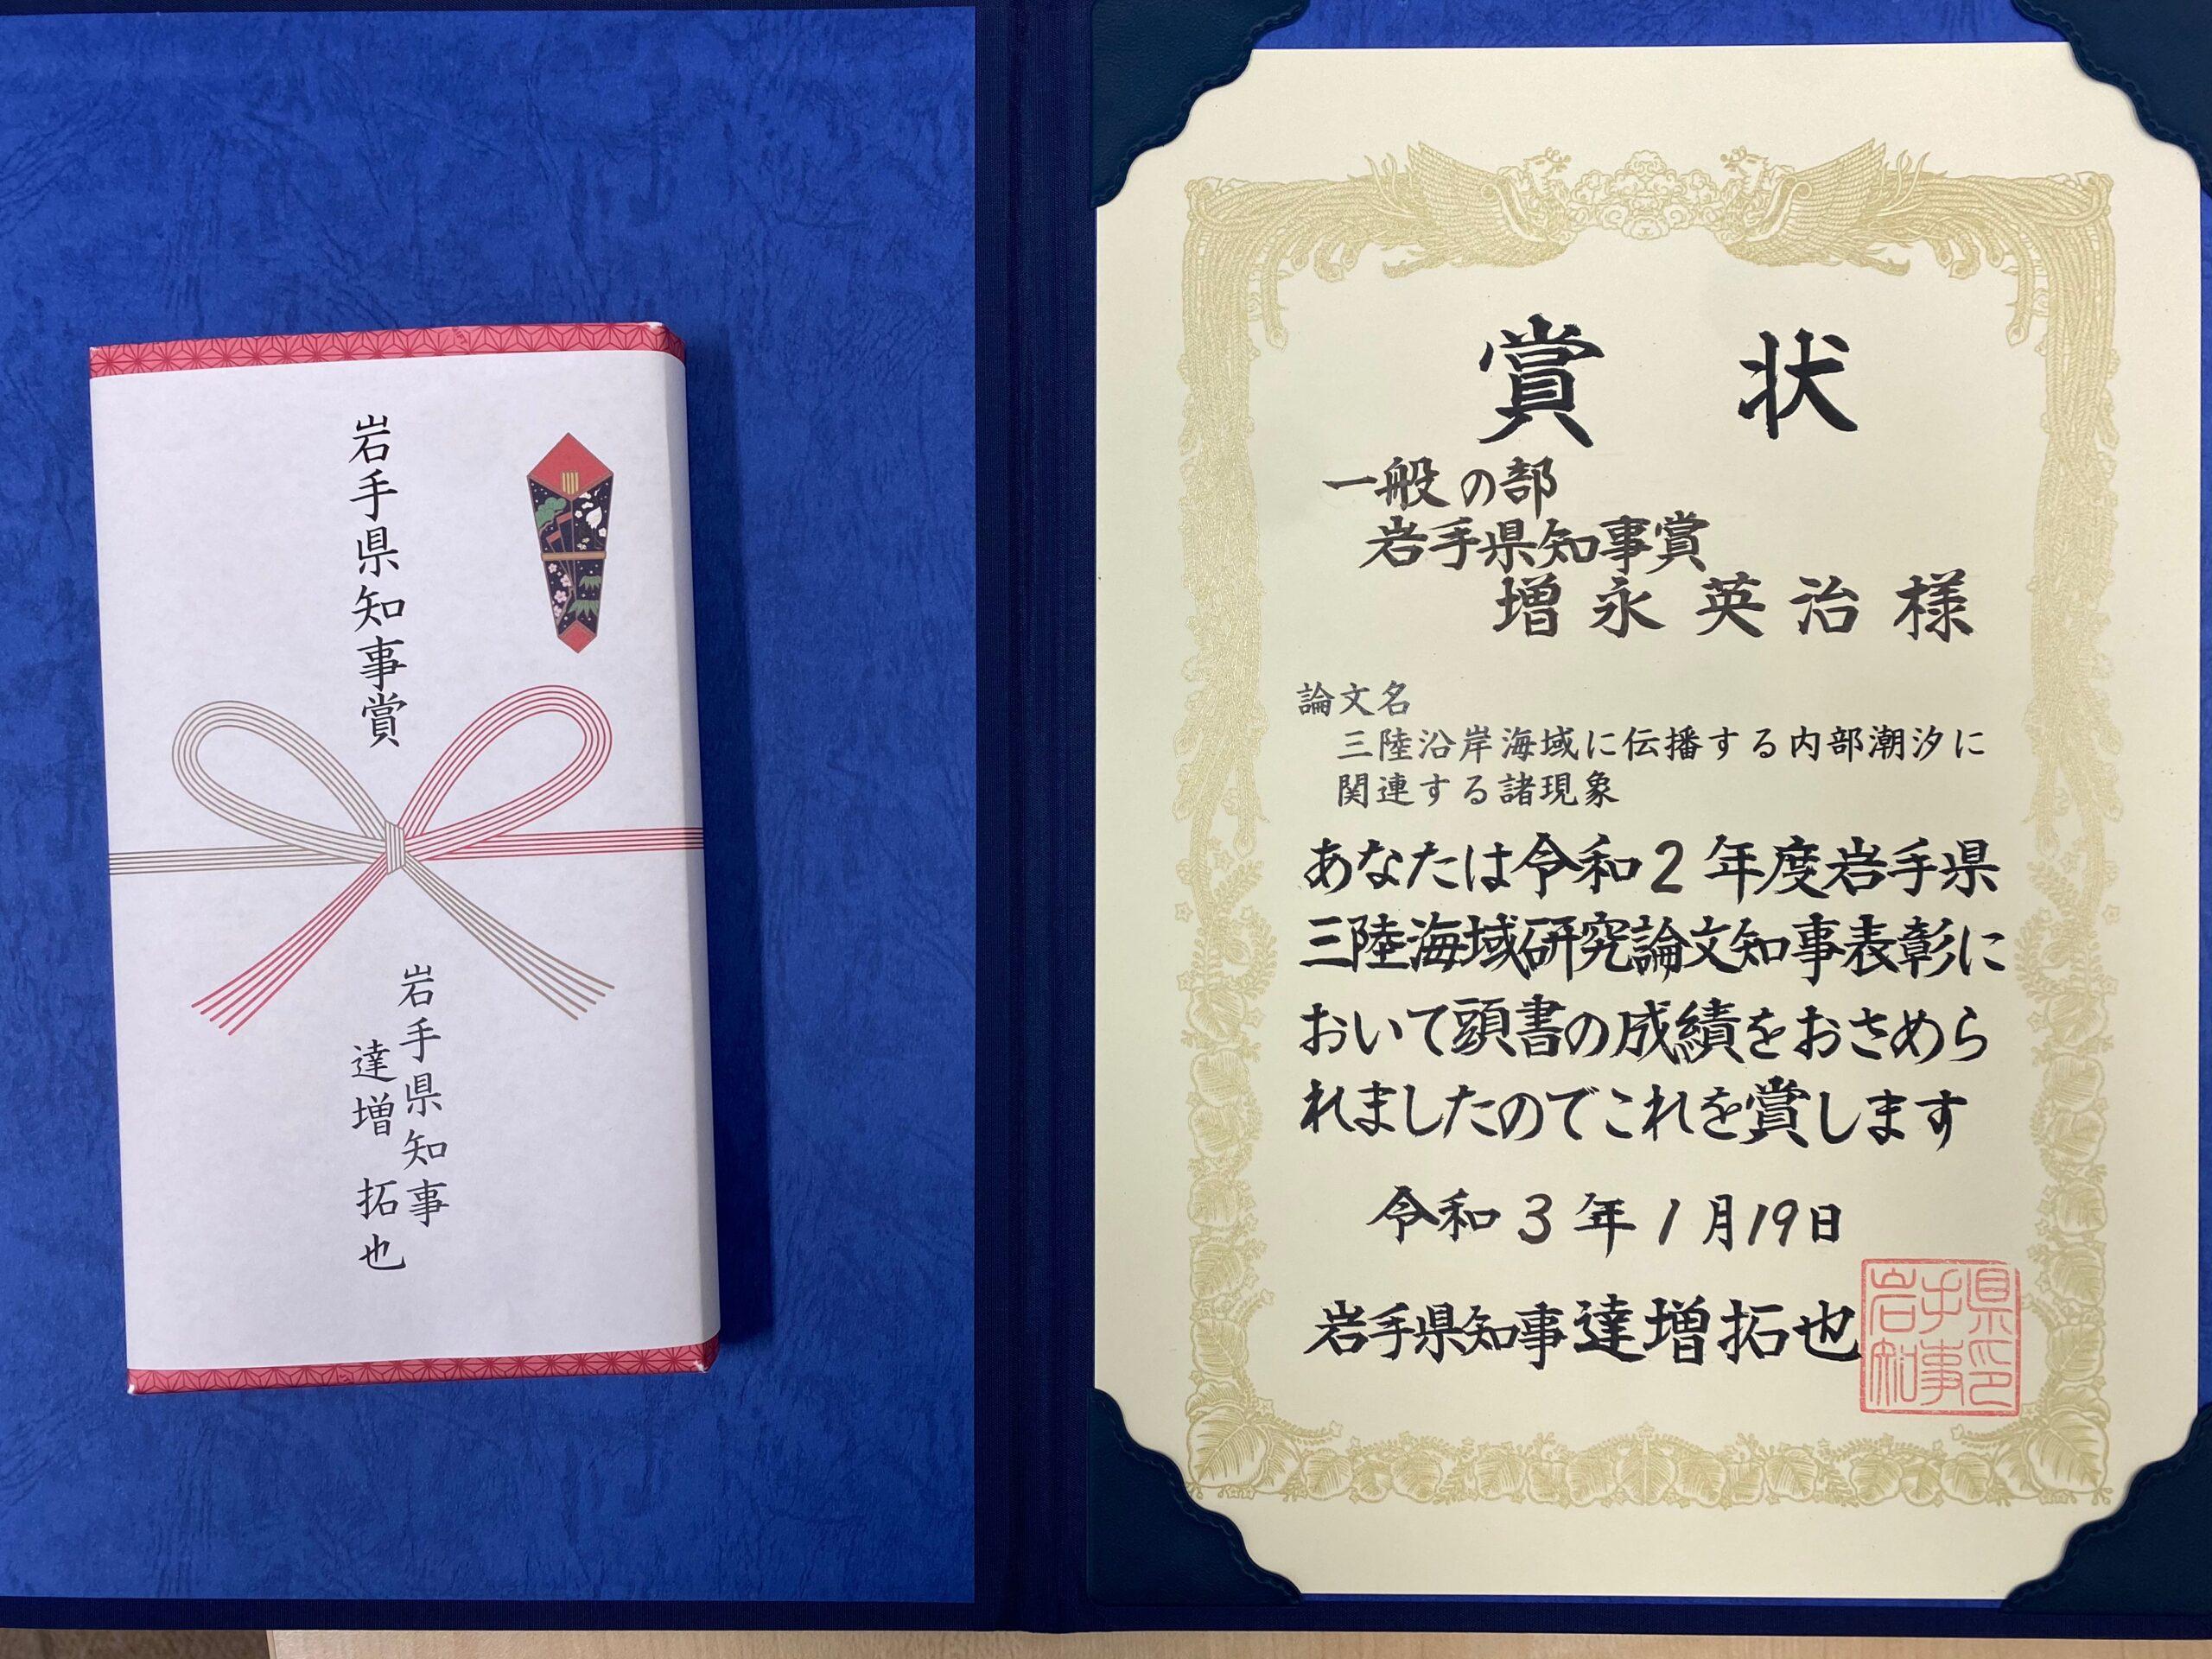 増永助教が「三陸海域研究論文知事表彰(岩手県知事賞)」を受賞しました。